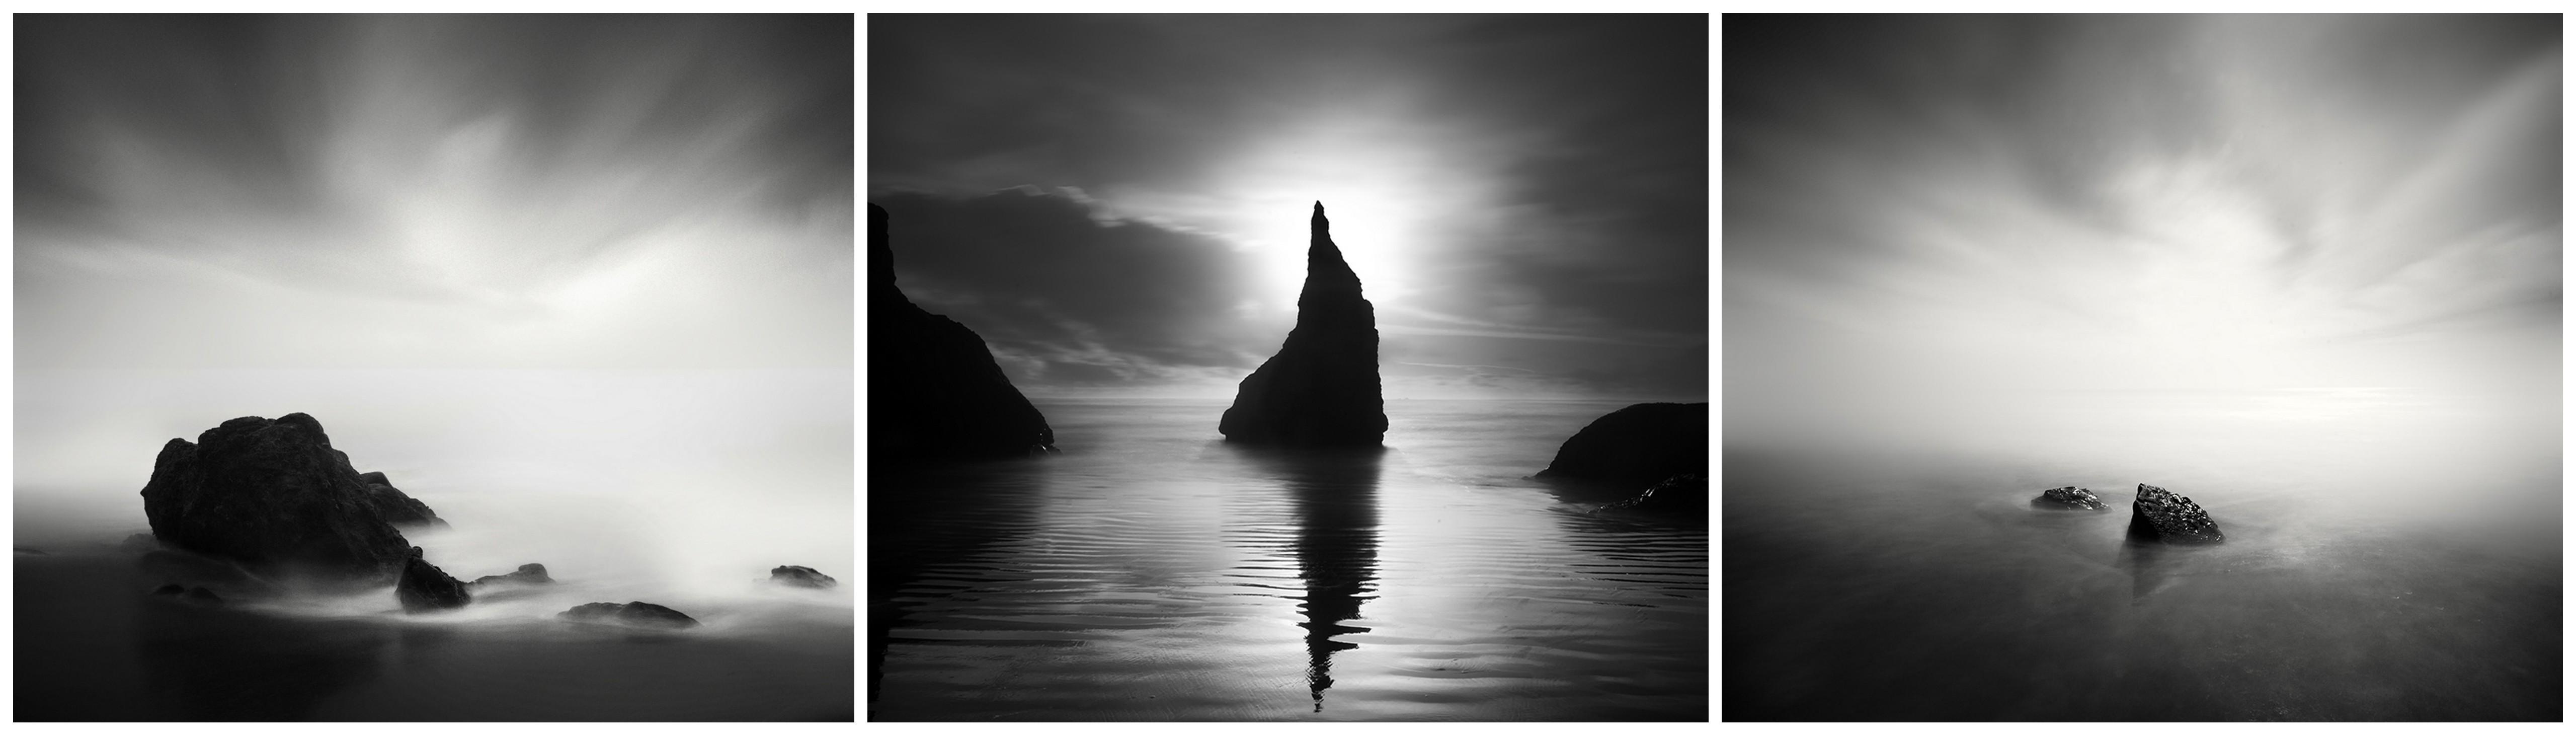 Nathan - Rocks